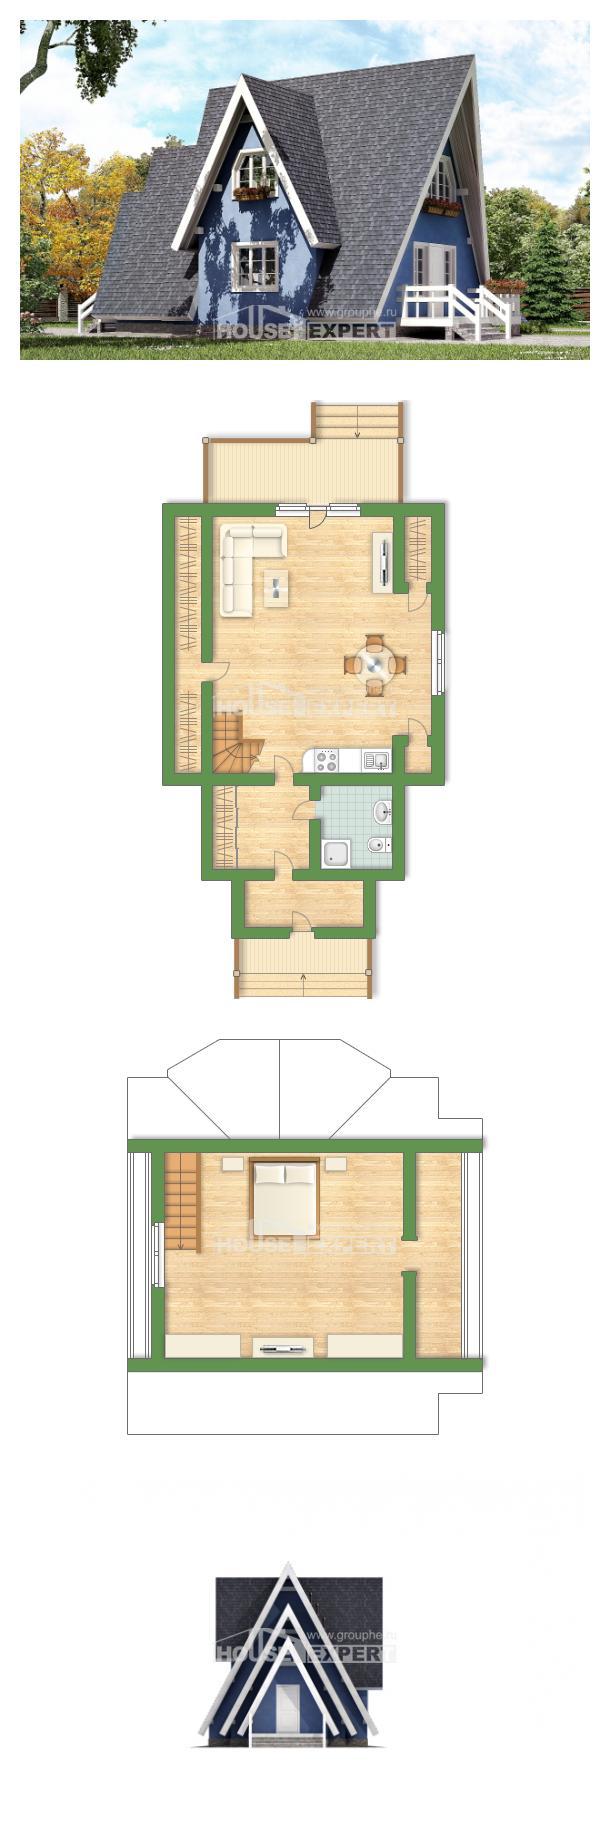 Plan 100-002-R | House Expert